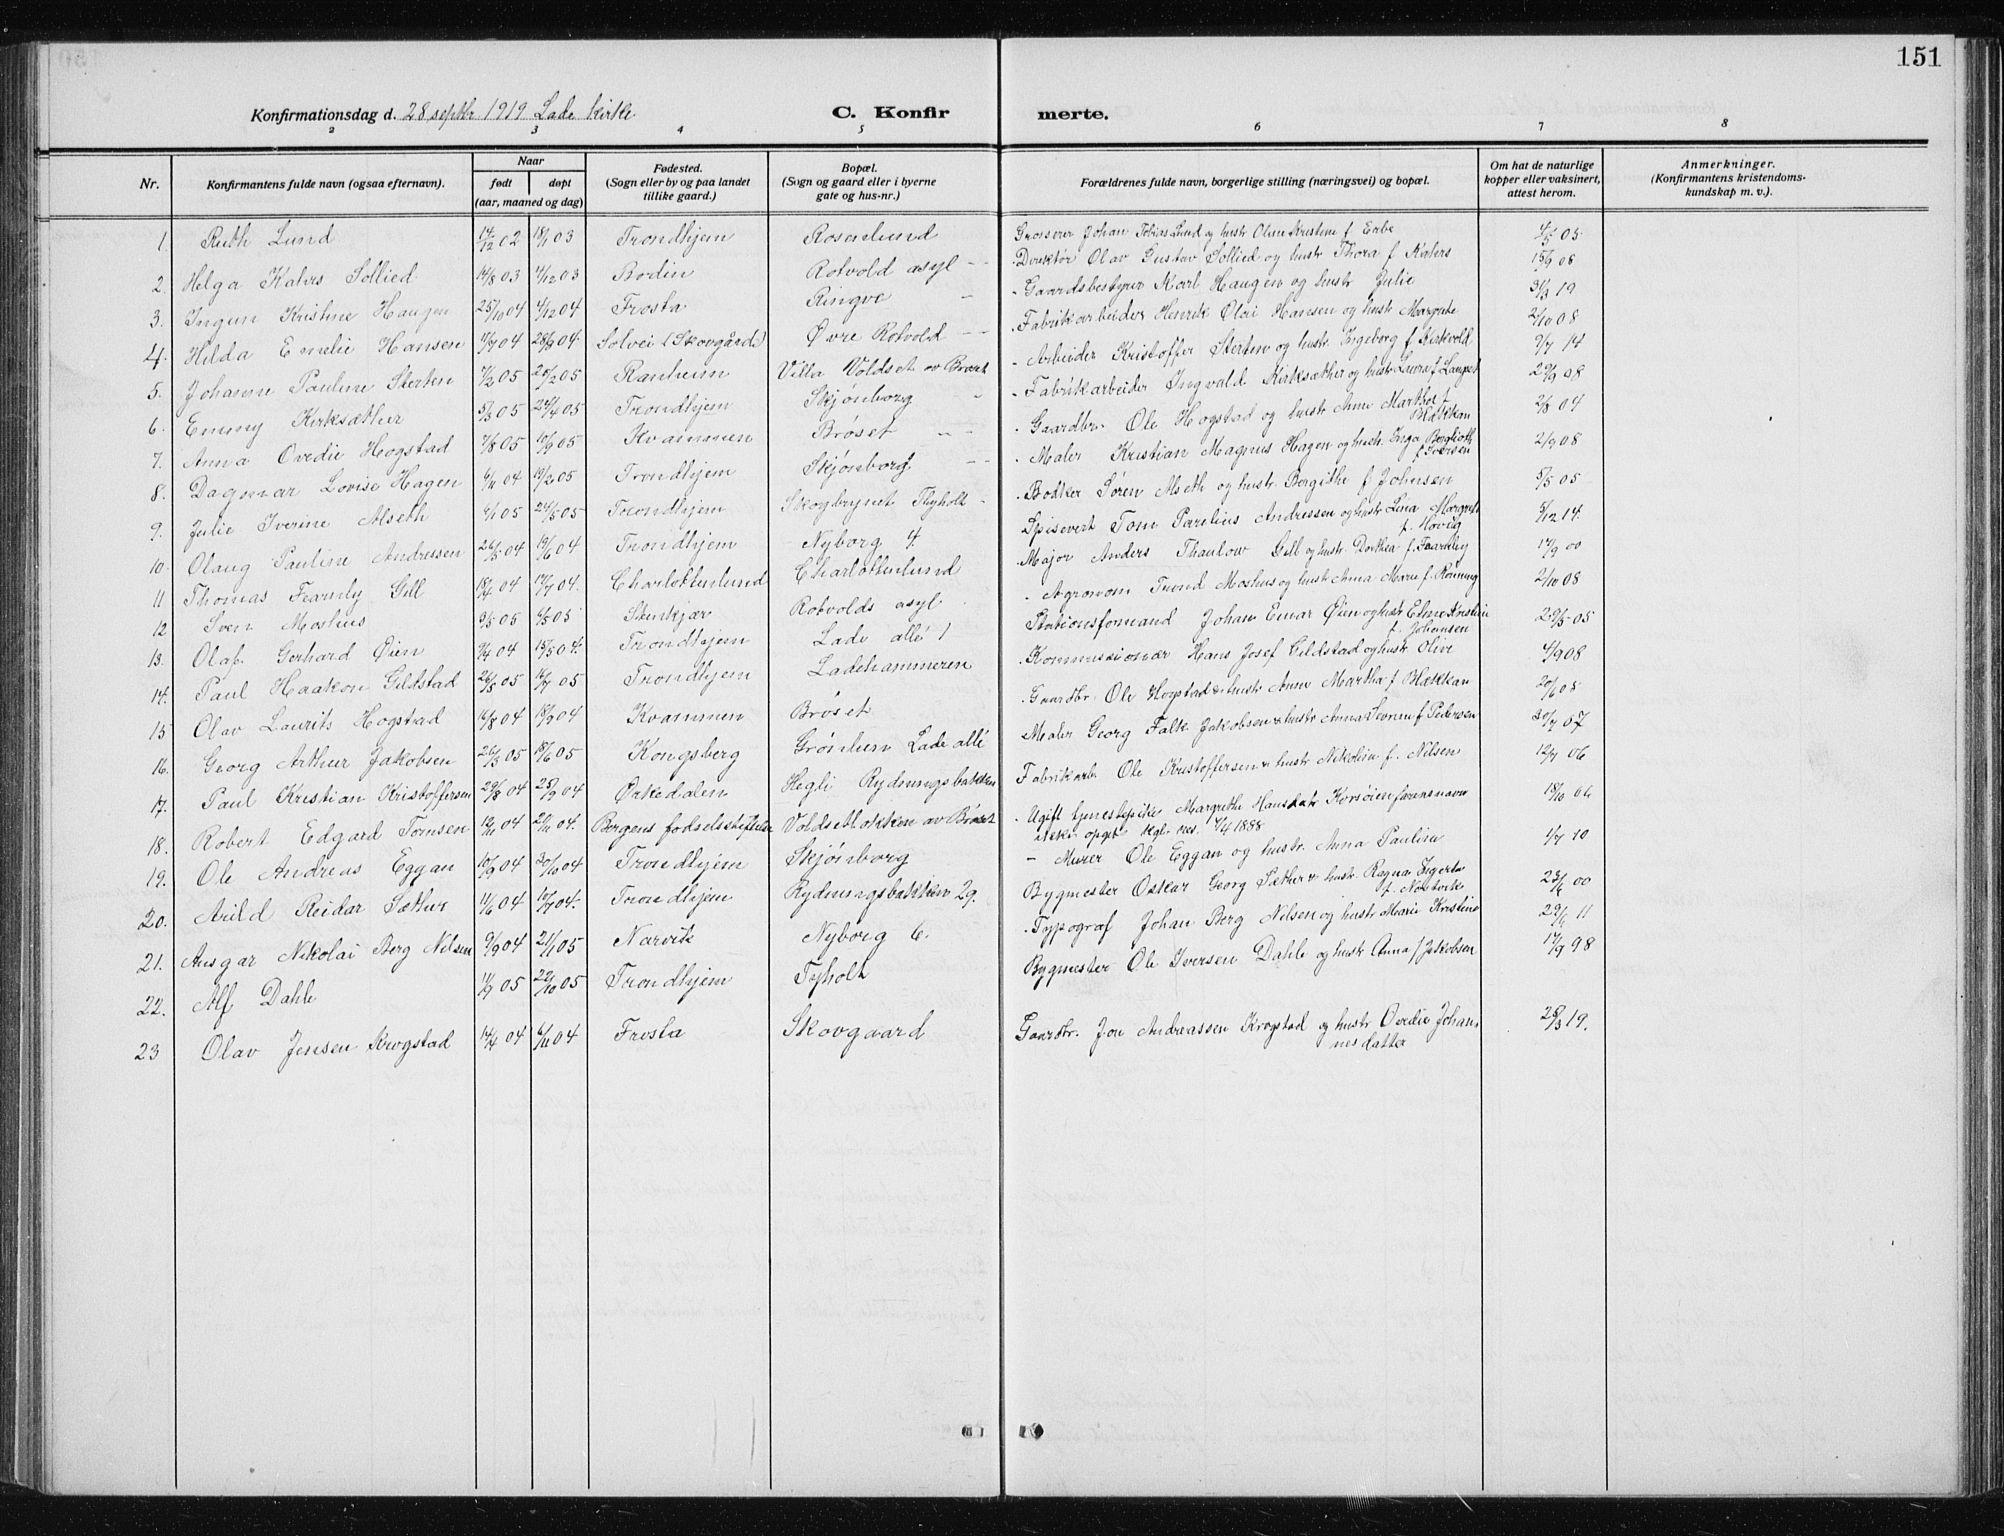 SAT, Ministerialprotokoller, klokkerbøker og fødselsregistre - Sør-Trøndelag, 606/L0314: Klokkerbok nr. 606C10, 1911-1937, s. 151